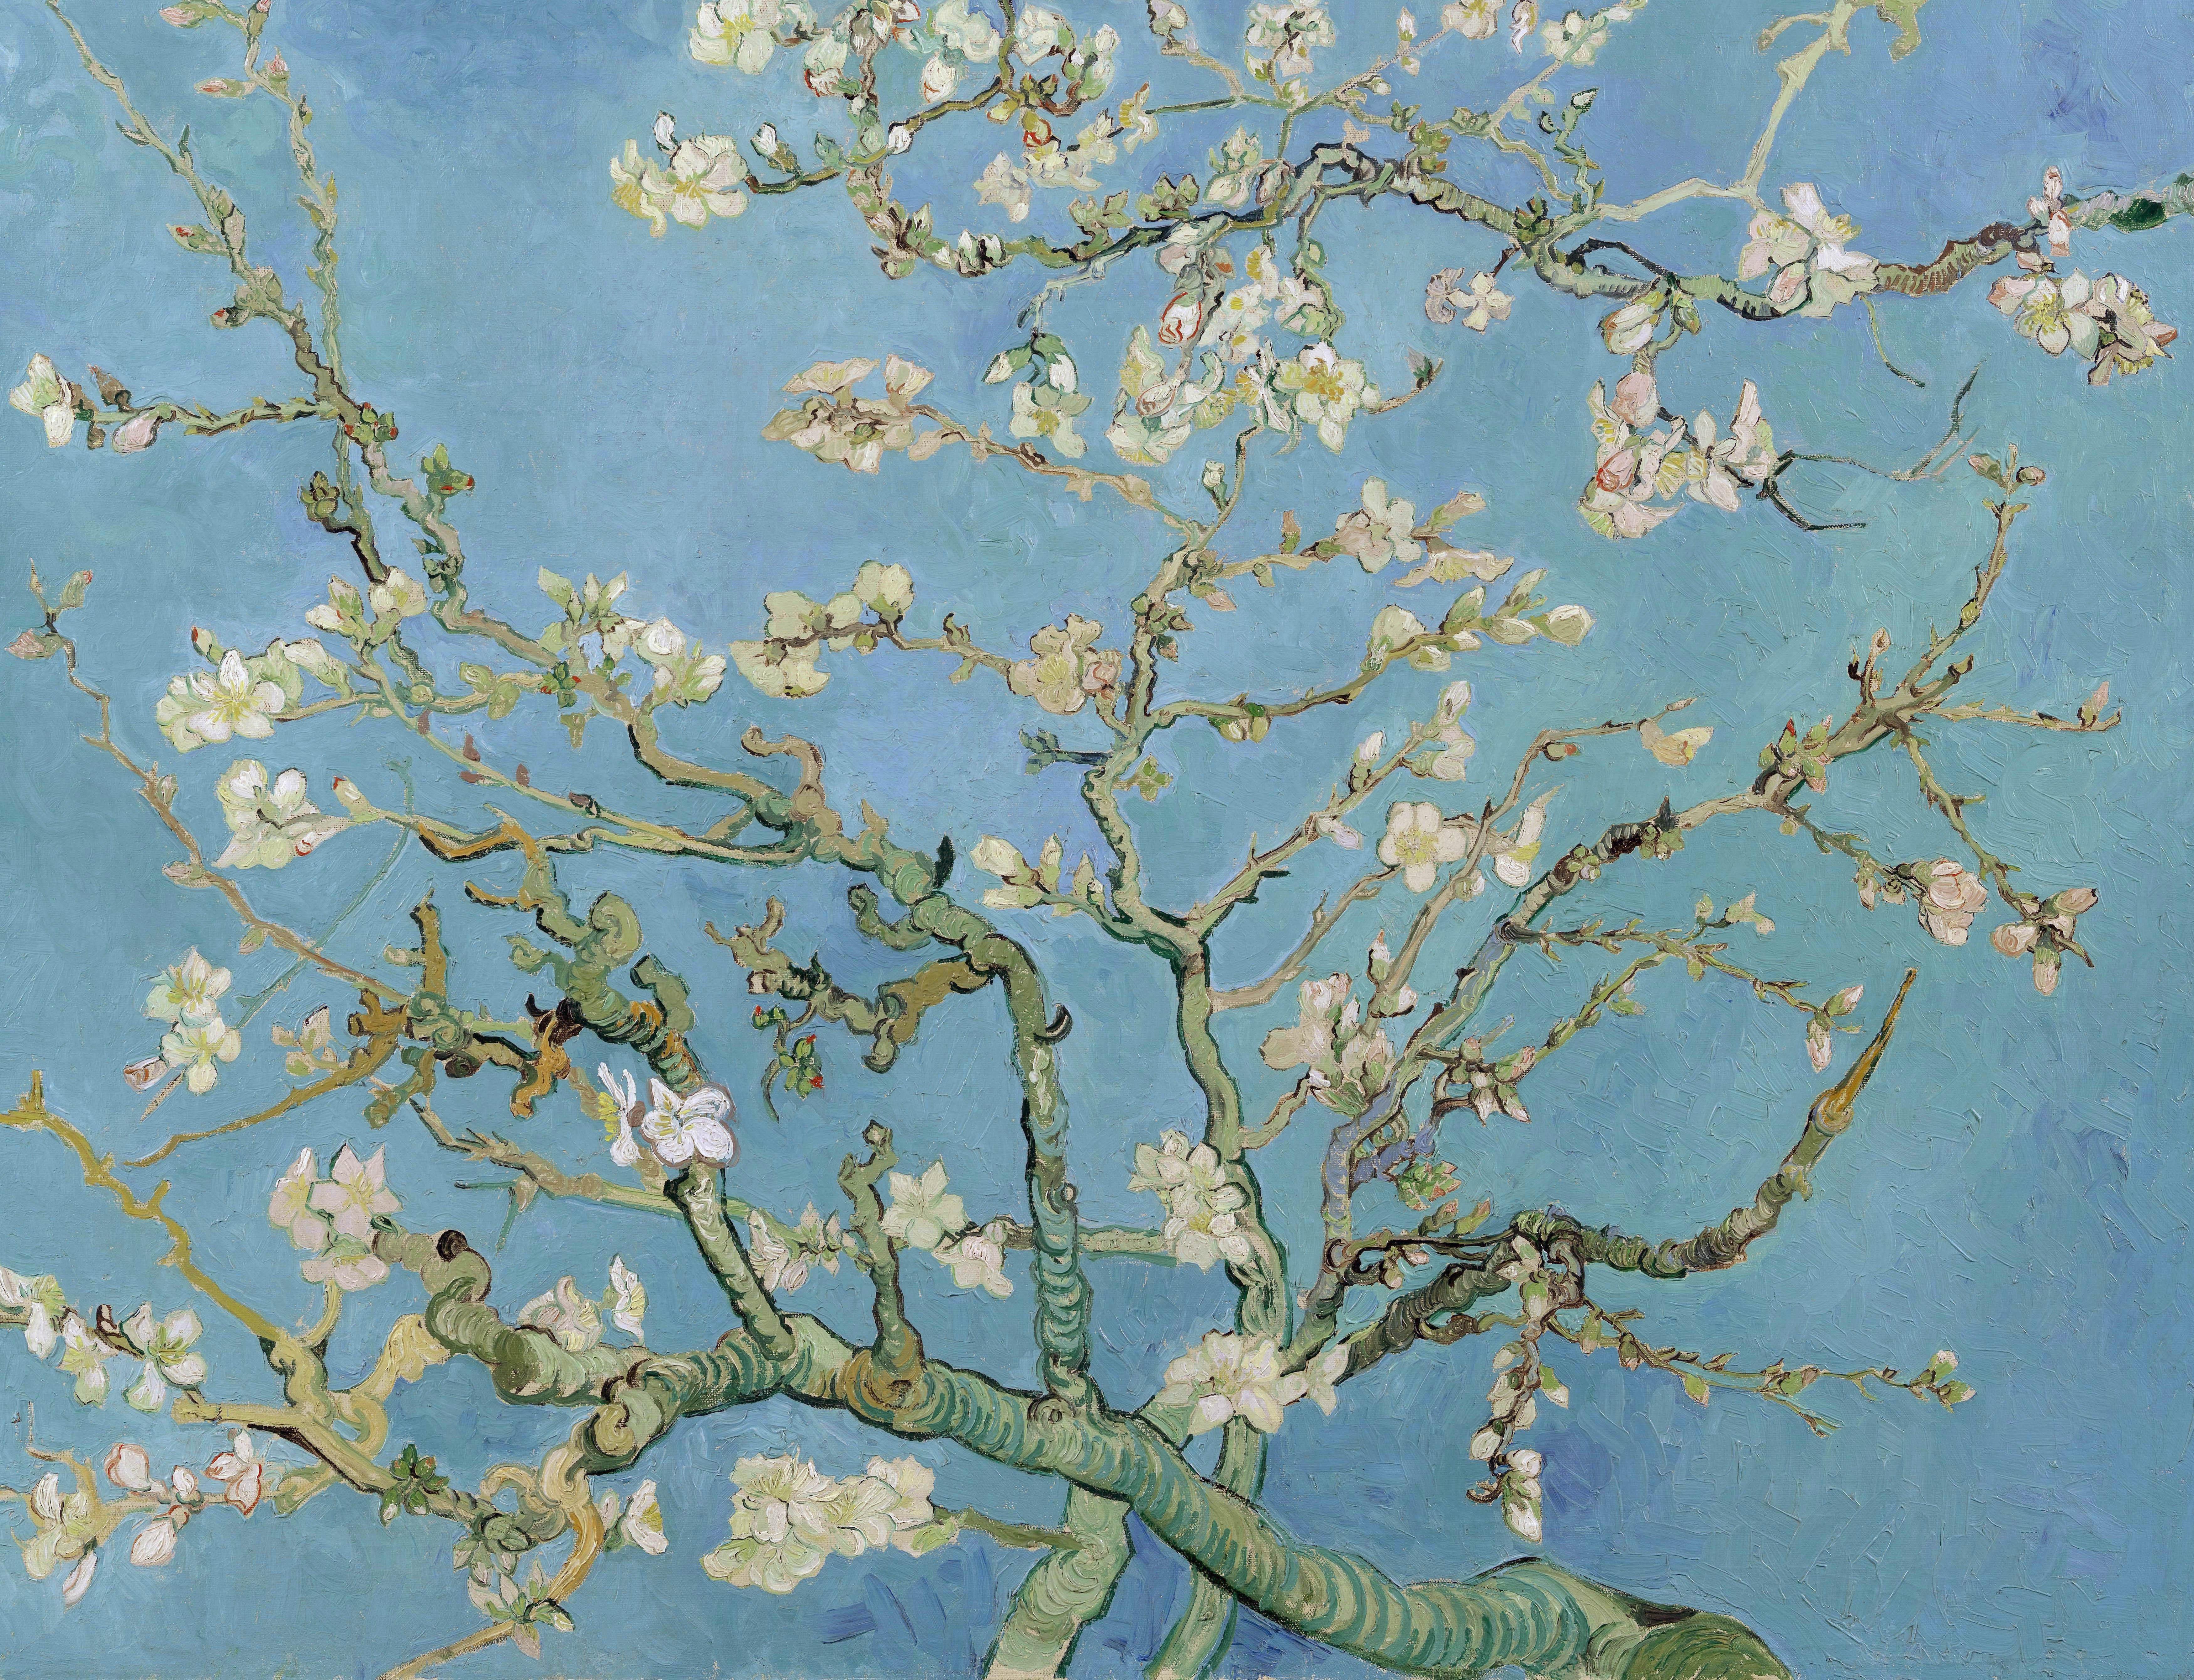 Художник Винсент Ван Гог Vincent Van Gogh картина Цветущий миндаль пейзажи природы Альберт Сафиуллин